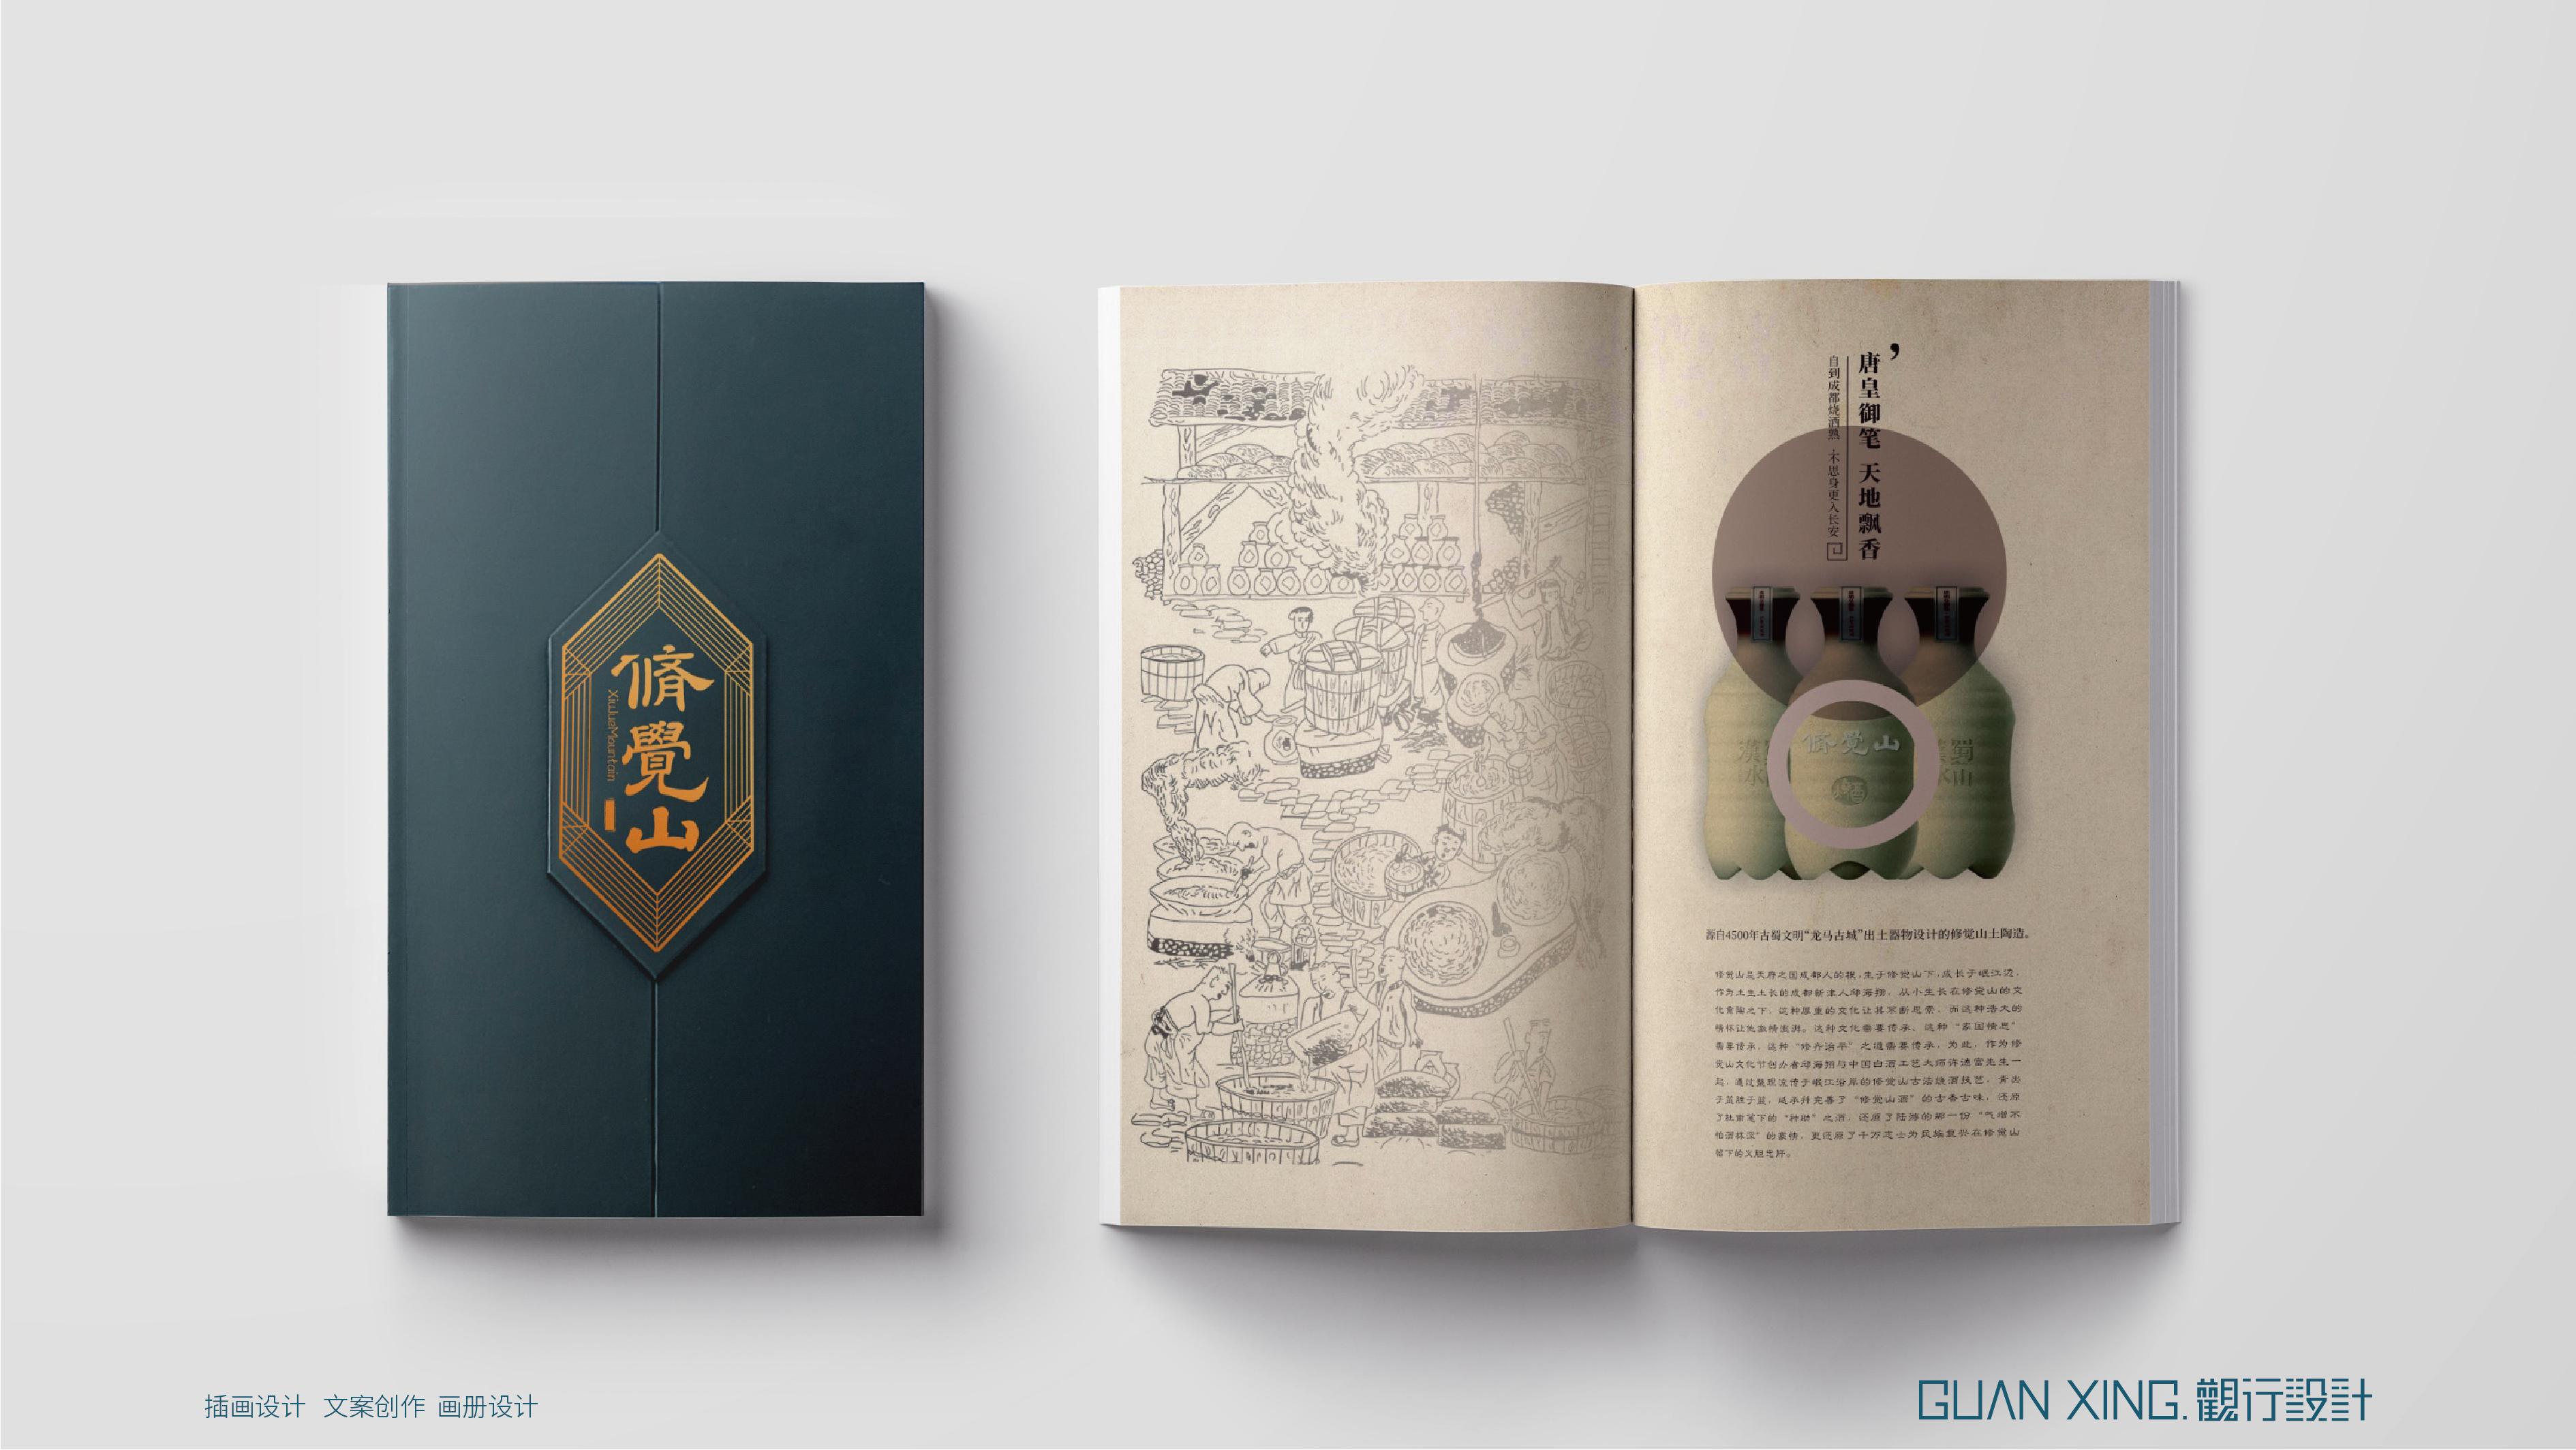 修觉山-修觉山画册-14